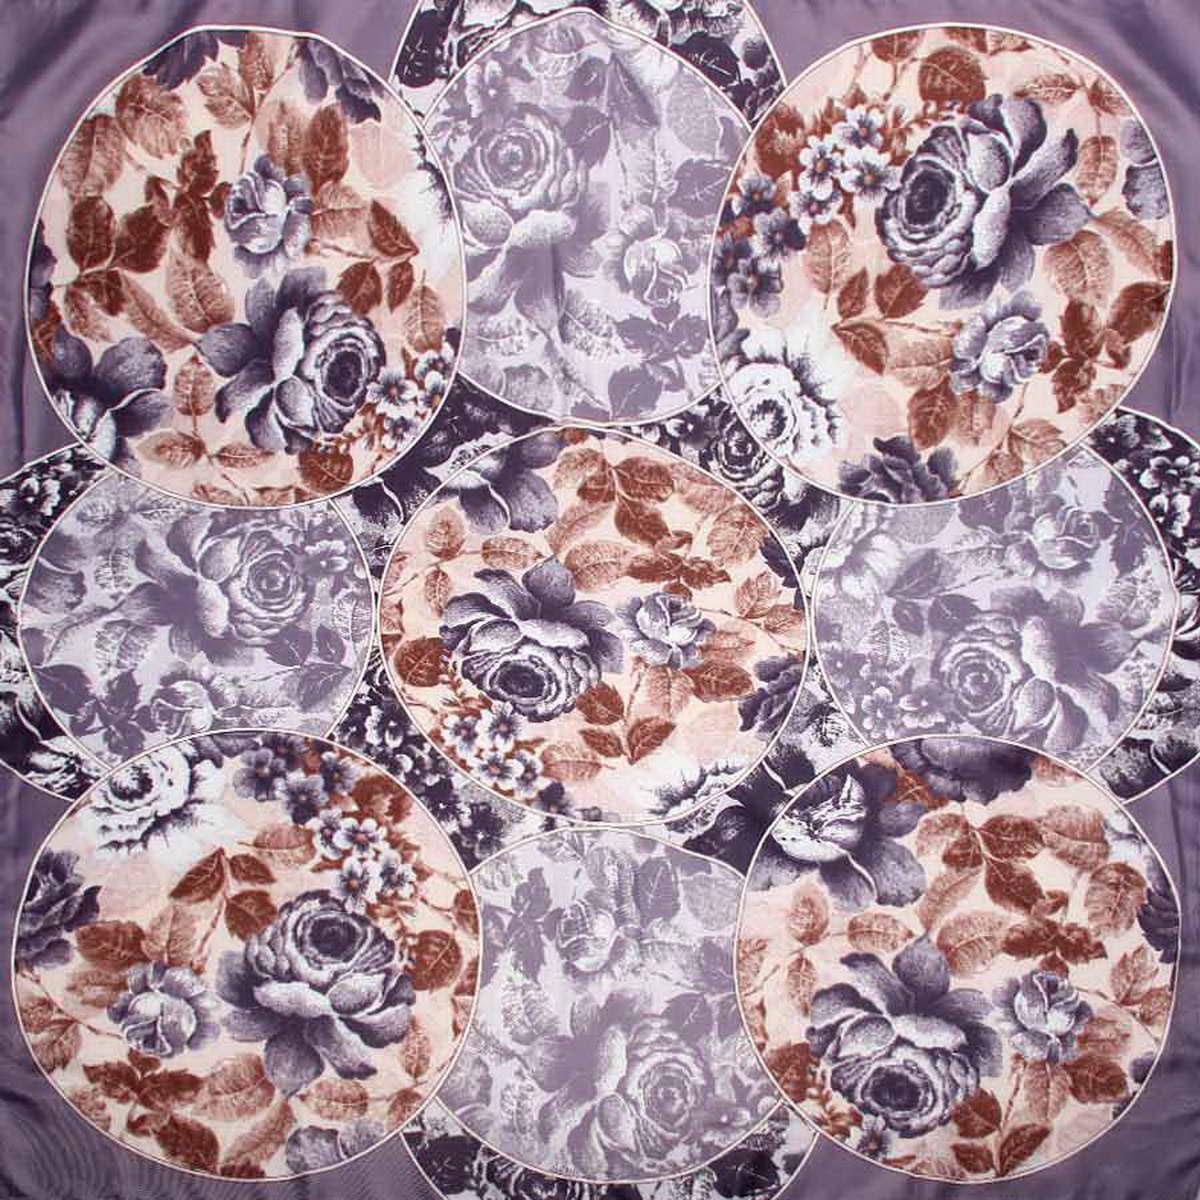 Платок женский Venera, цвет: сиренево-серый, коричневый. 3904972-5. Размер 90 см х 90 см3904972-5Стильный женский платок Venera станет великолепным завершением любого наряда. Платок, изготовленный из полиэстера, оформлен цветочным принтом. Классическая квадратная форма позволяет носить платок на шее, украшать им прическу или декорировать сумочку. Легкий и приятный на ощупь платок поможет вам создать изысканный женственный образ. Такой платок превосходно дополнит любой наряд и подчеркнет ваш неповторимый вкус и элегантность.